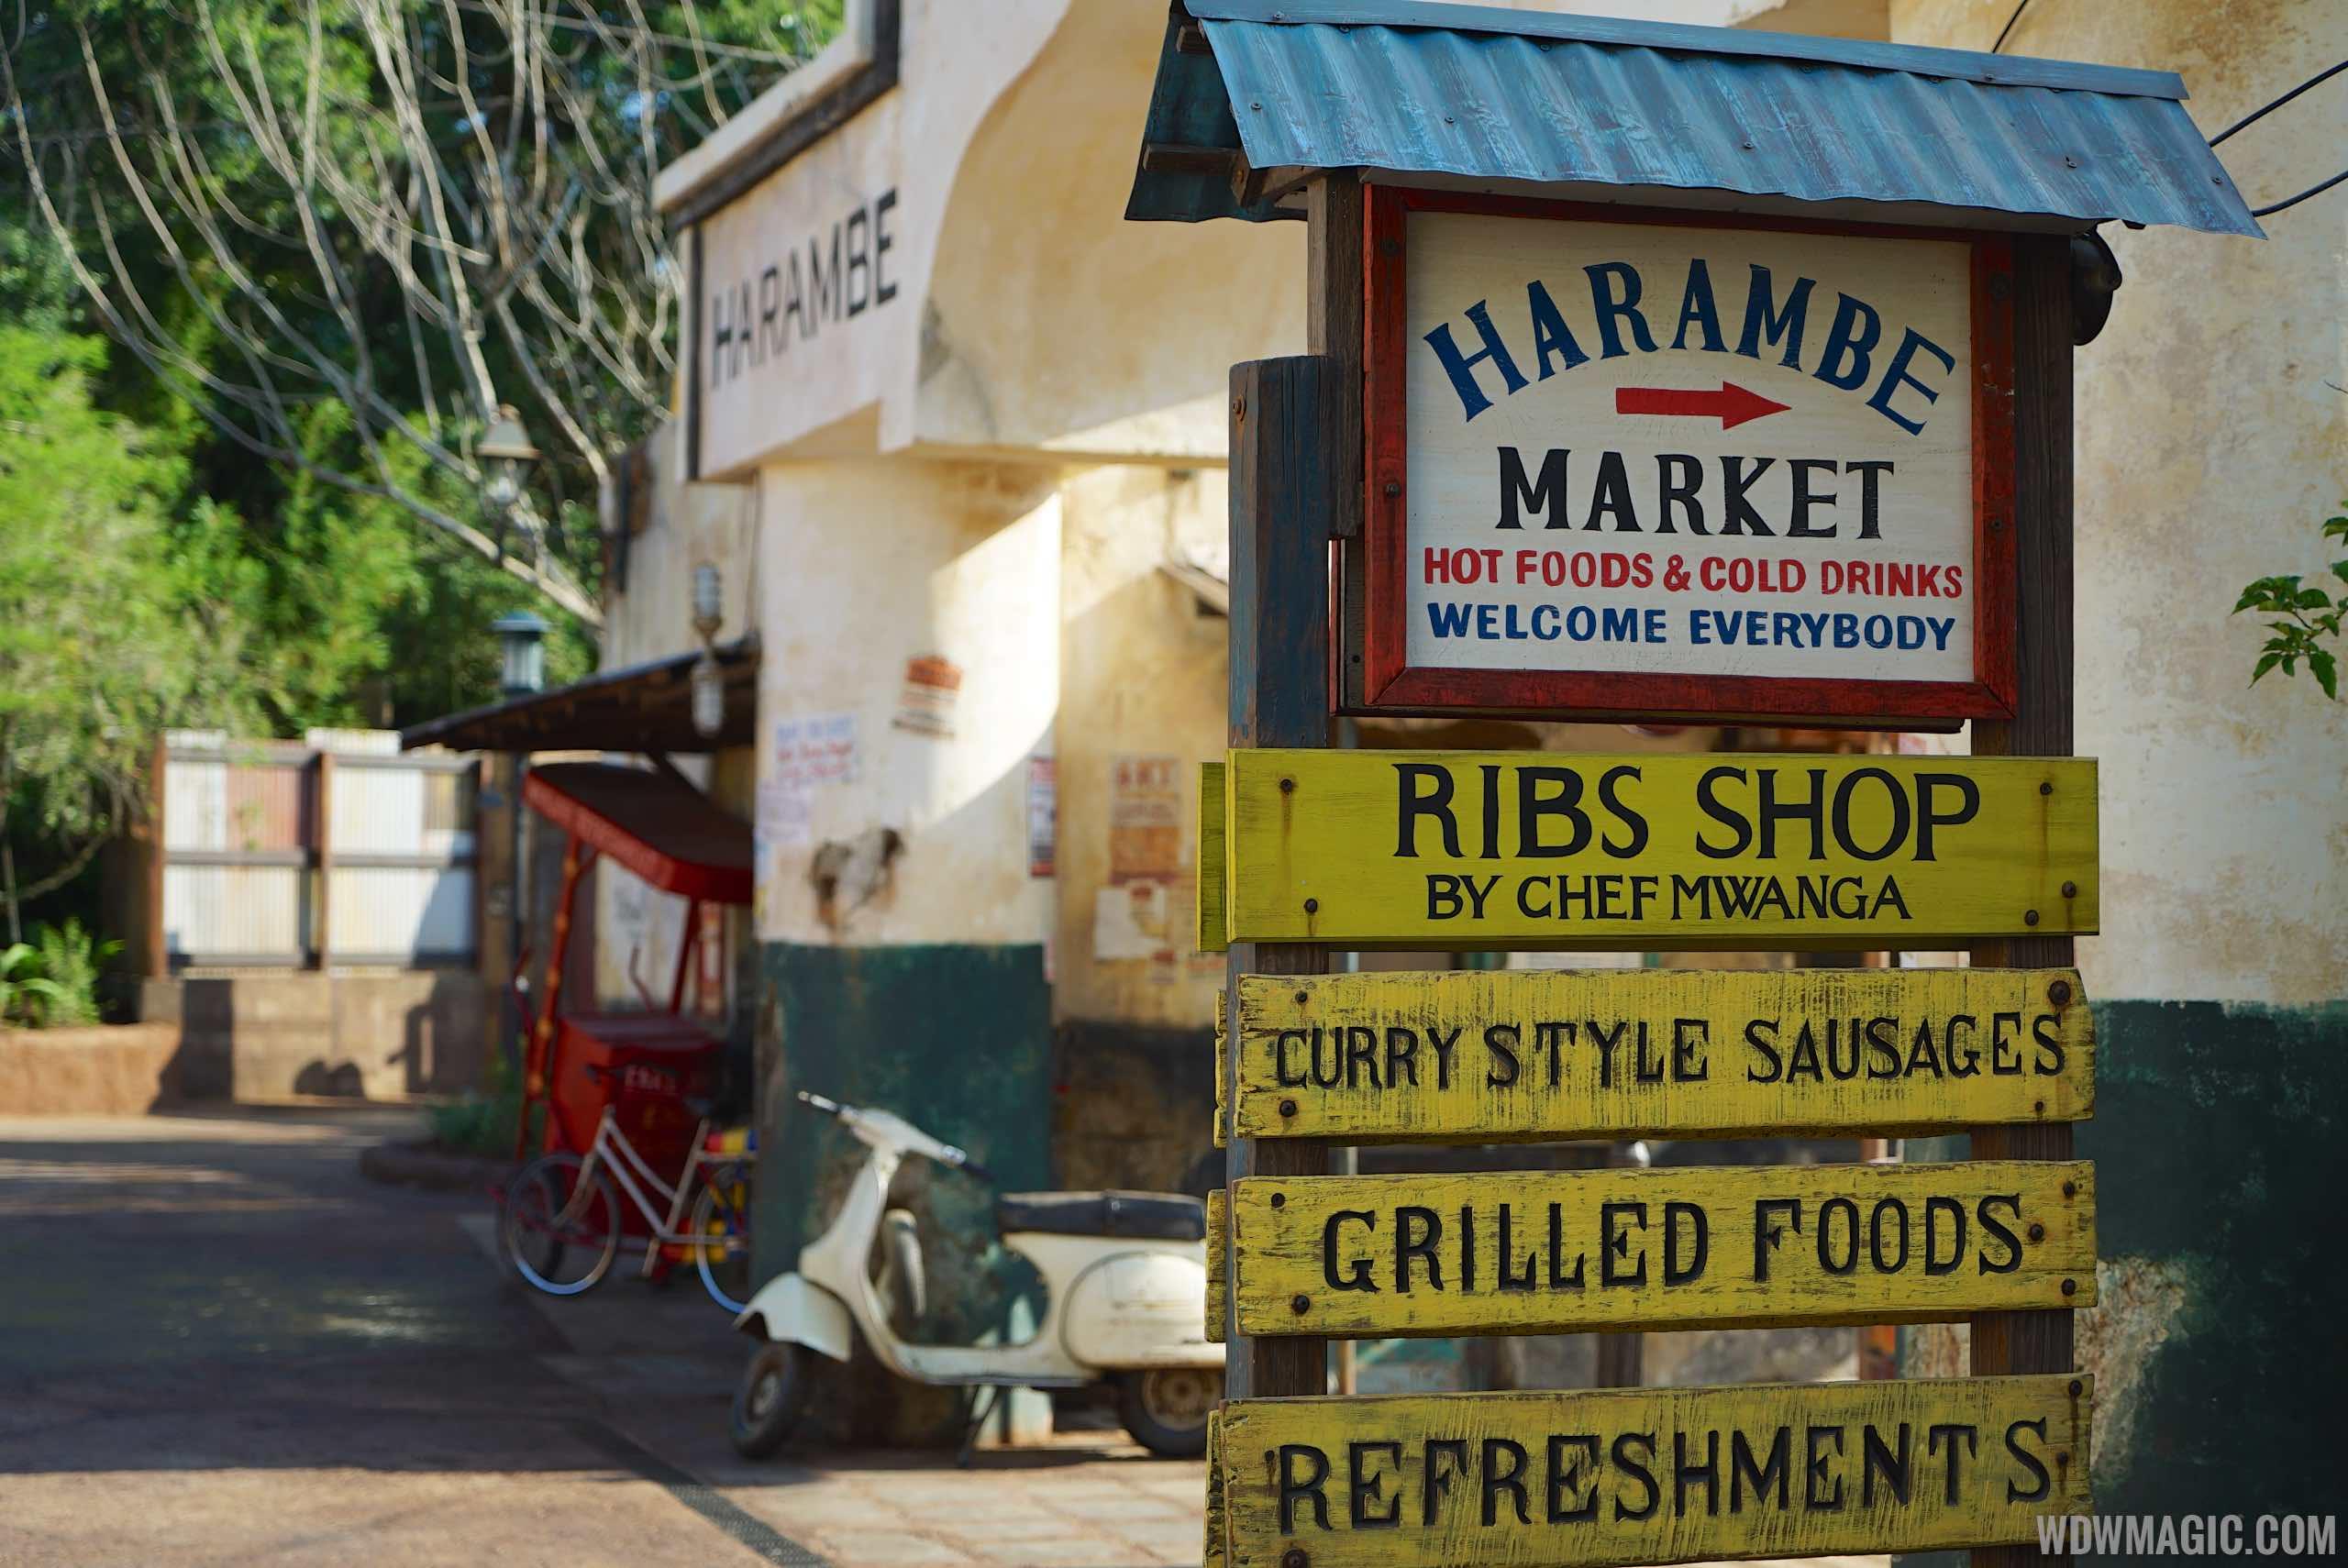 Harambe Market - Harambe Market signage